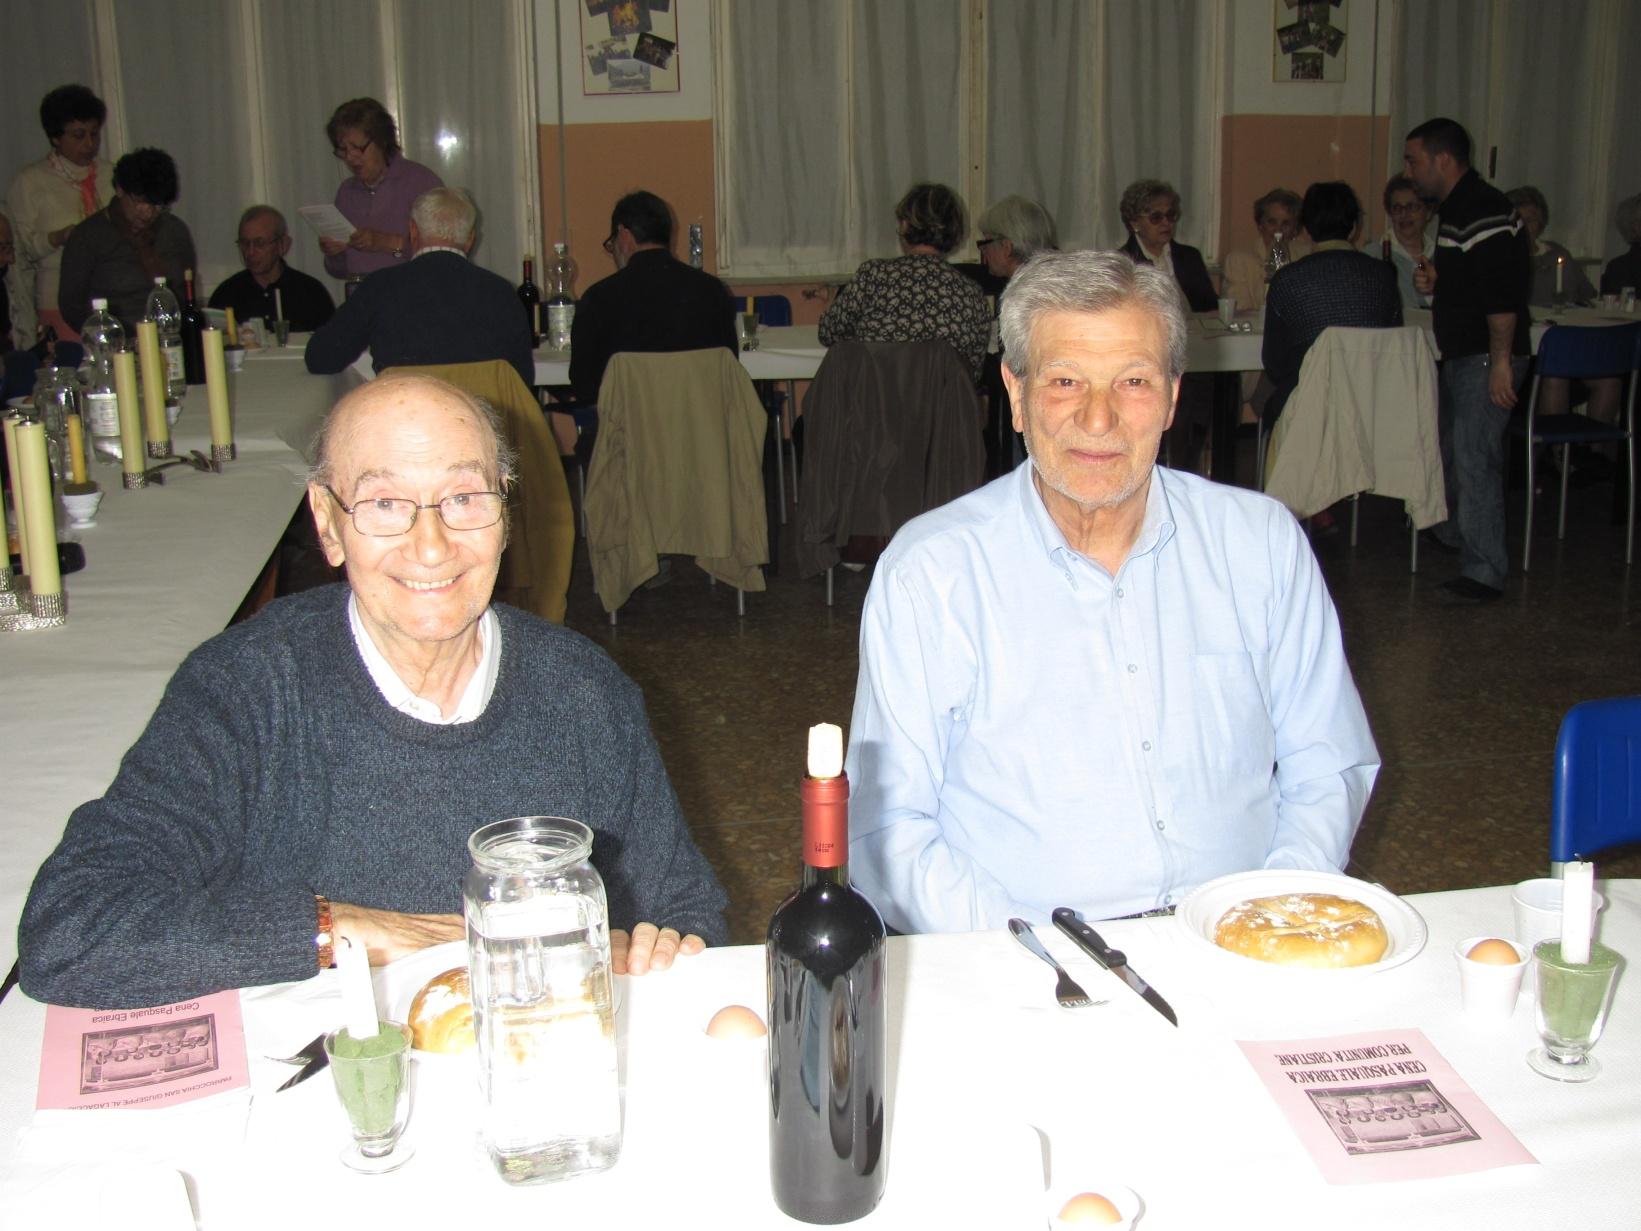 cena_ebraica-2011-04-20-19-25-33